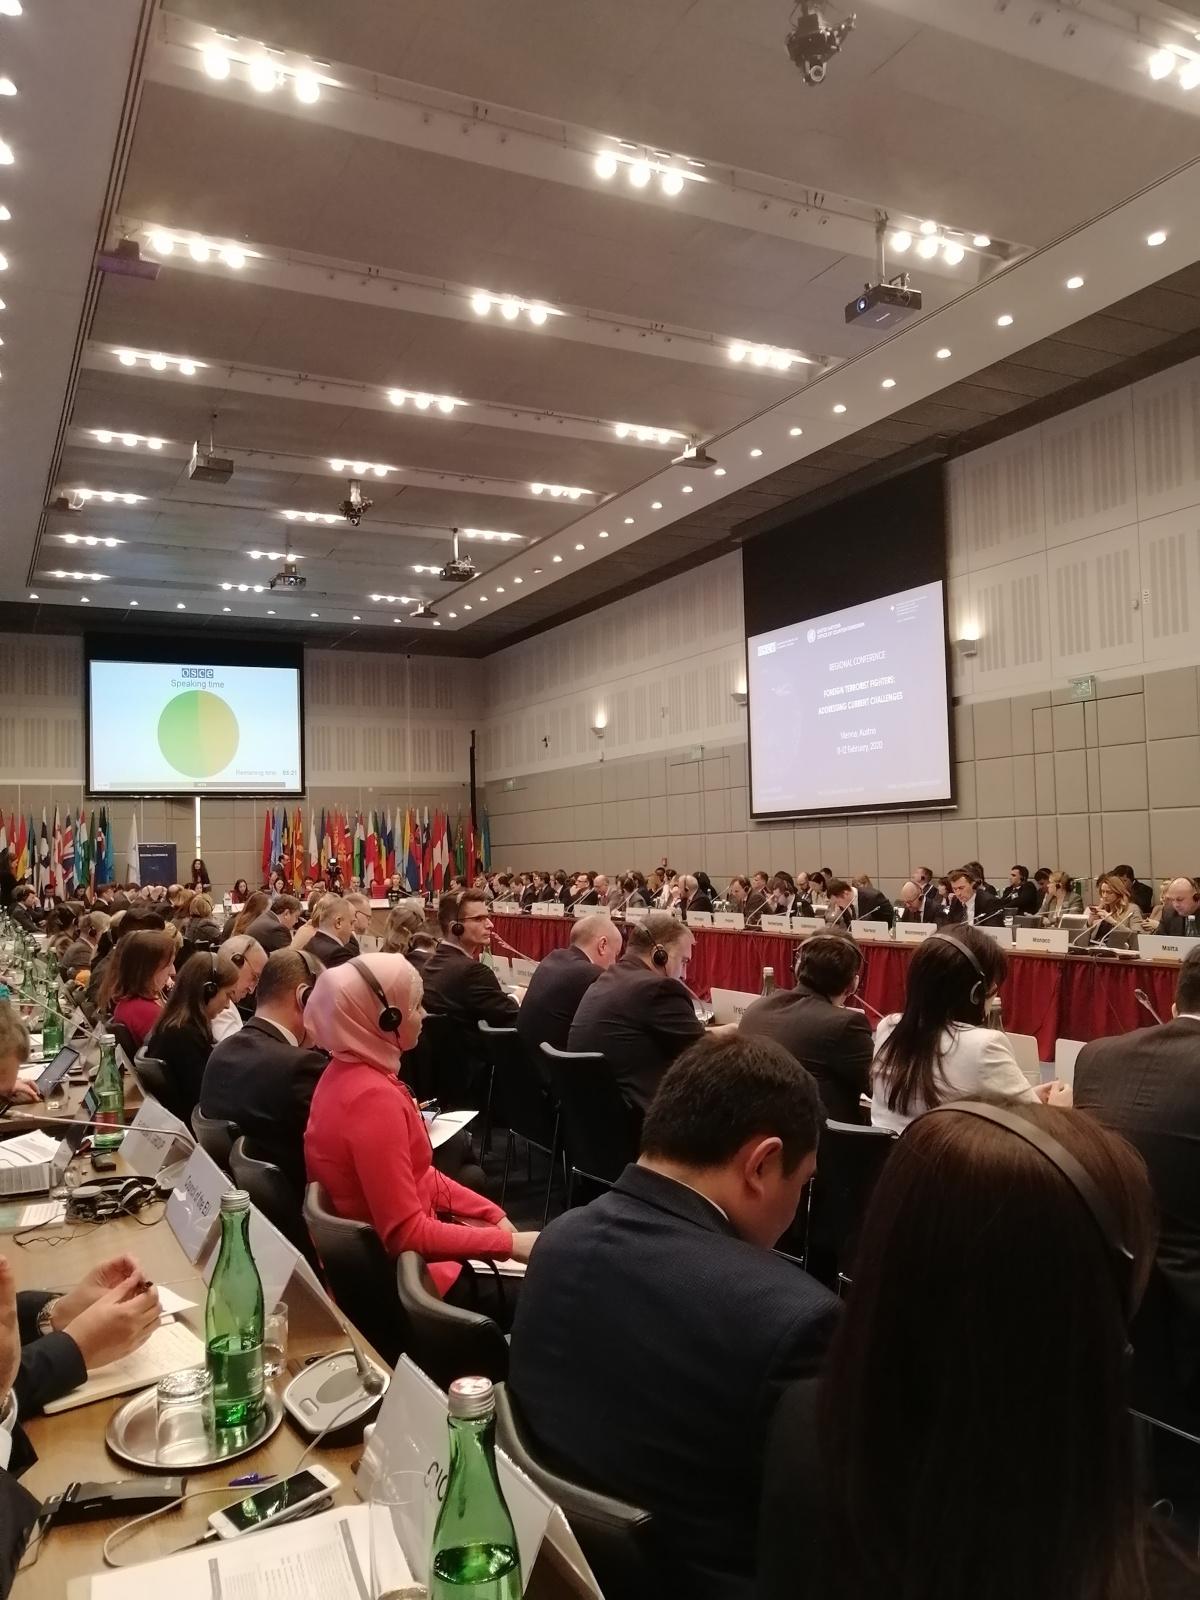 Делегация ОДКБ приняла участие в Совместной антитеррористической конференции ООН и ОБСЕ в Вене